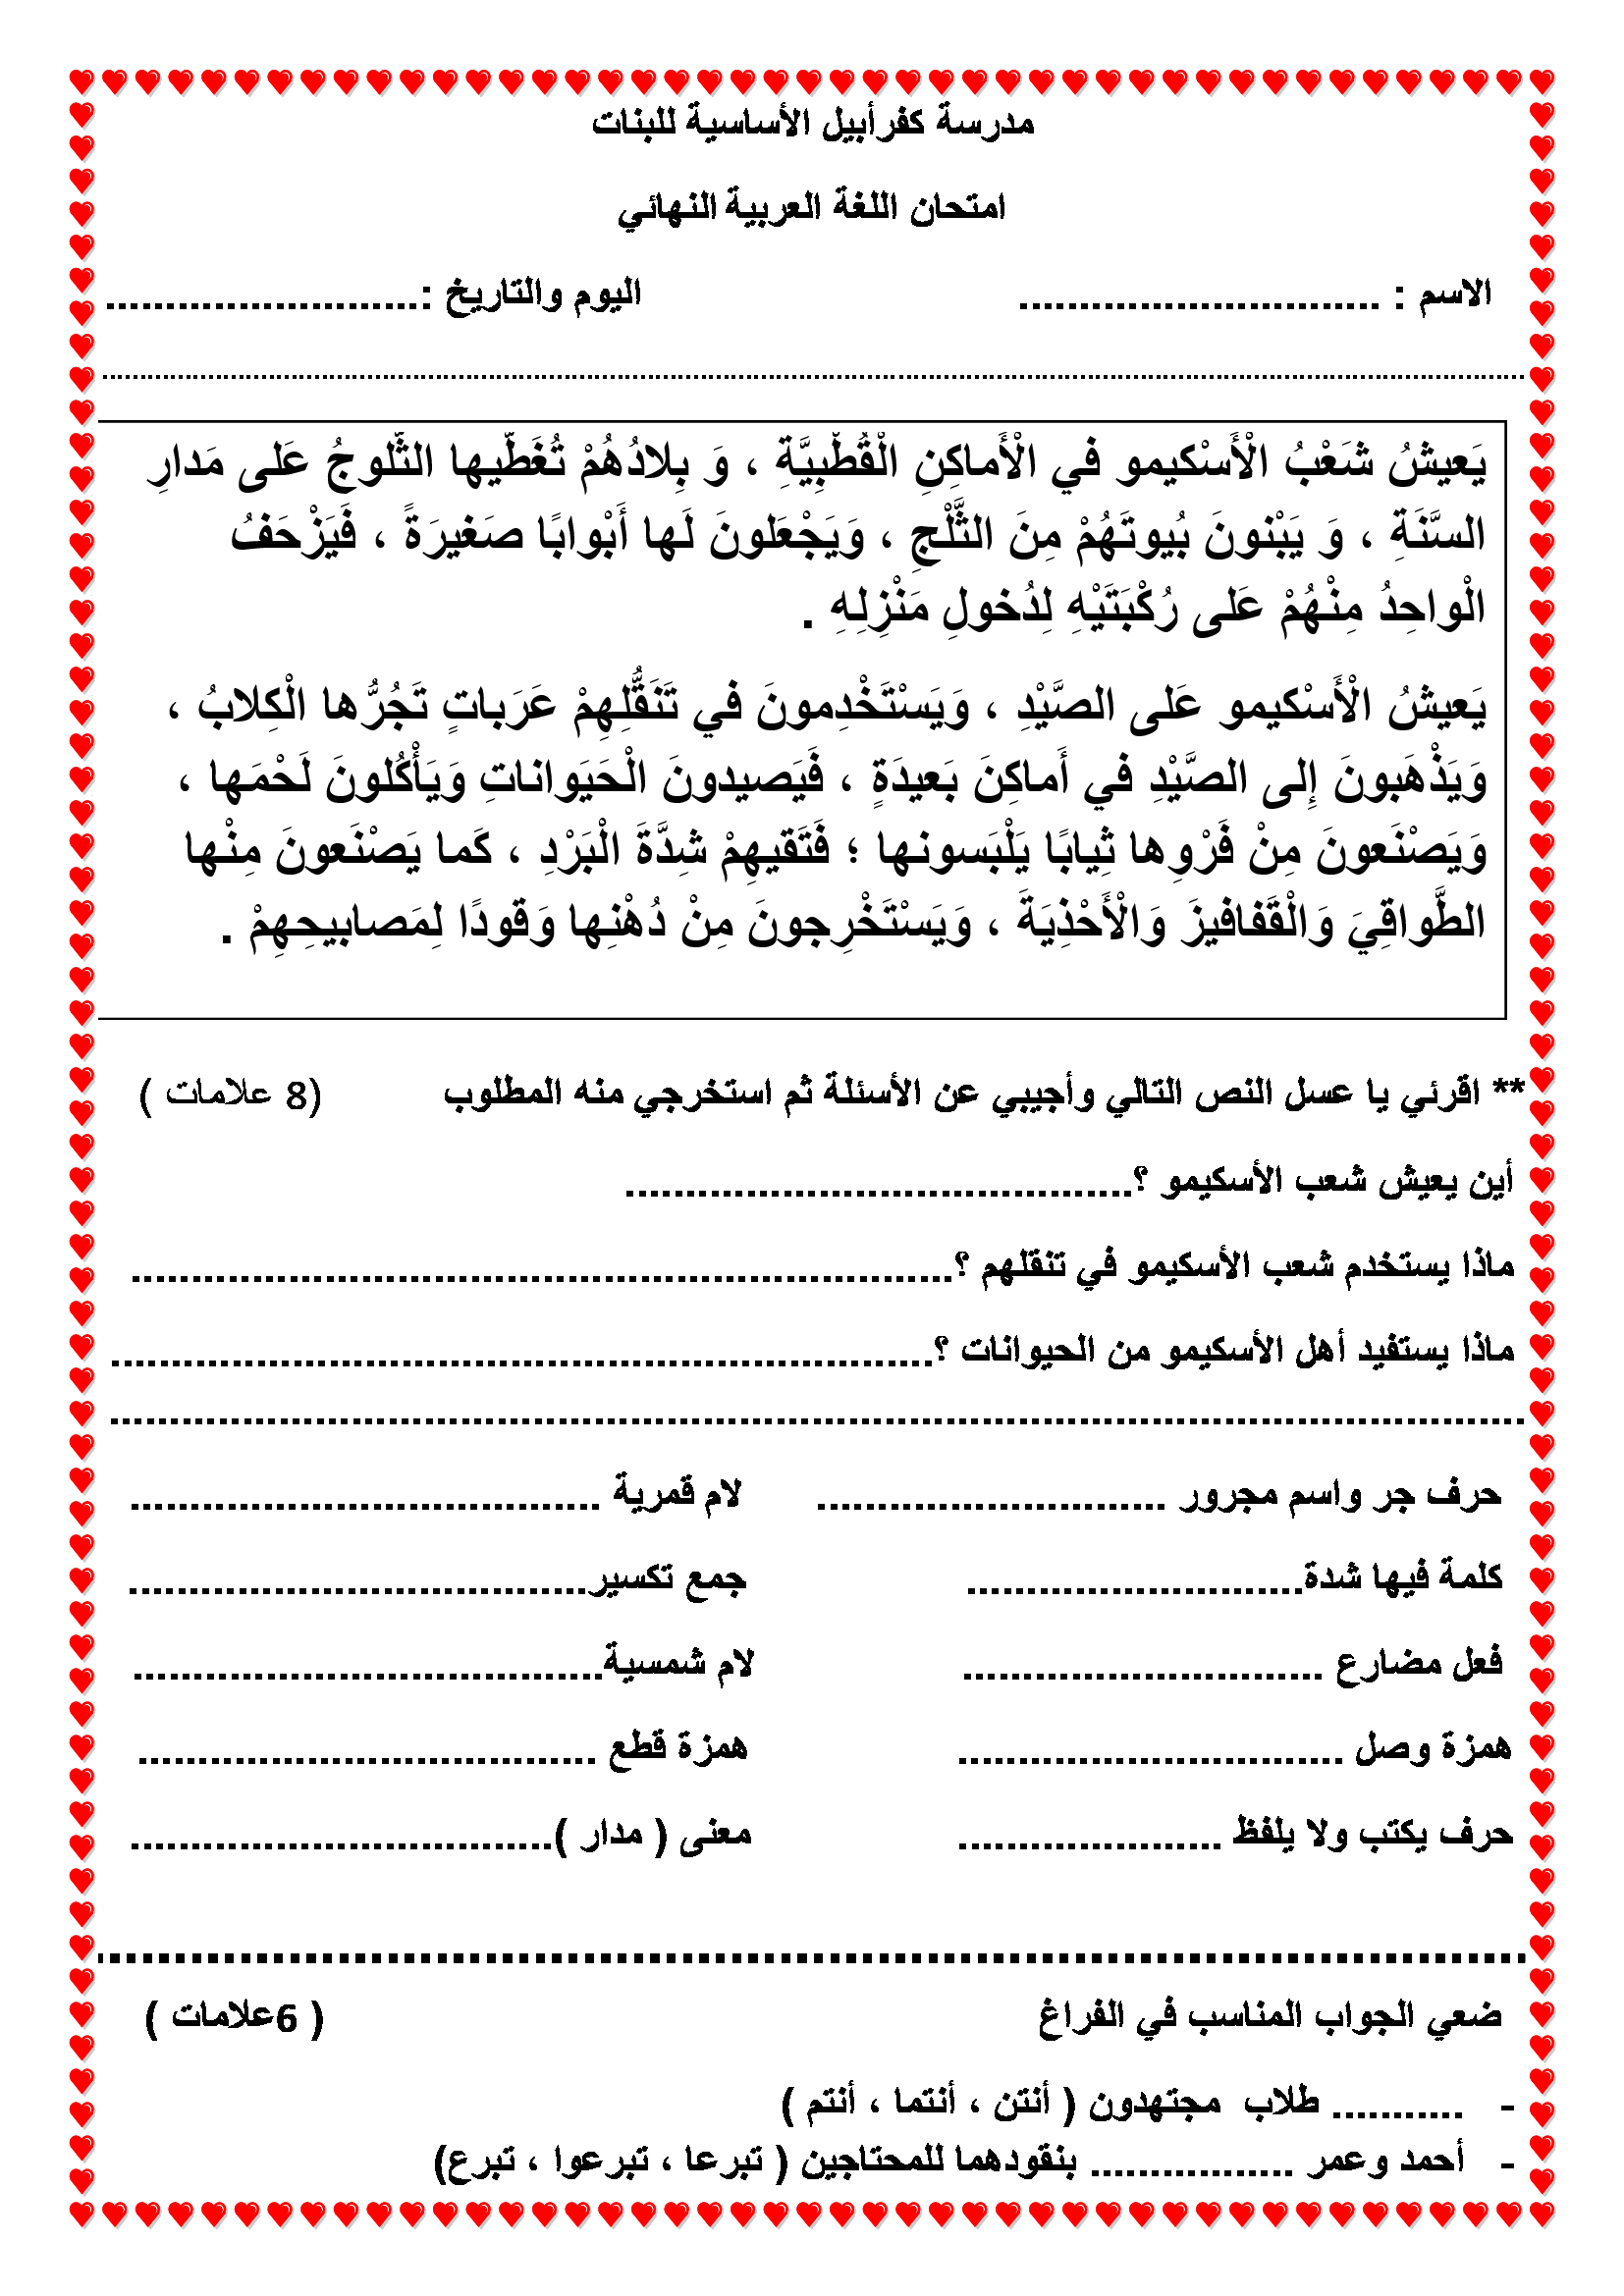 الاختبار النهائي لمادة اللغة العربية للصف الثالث الفصل الثاني 2019